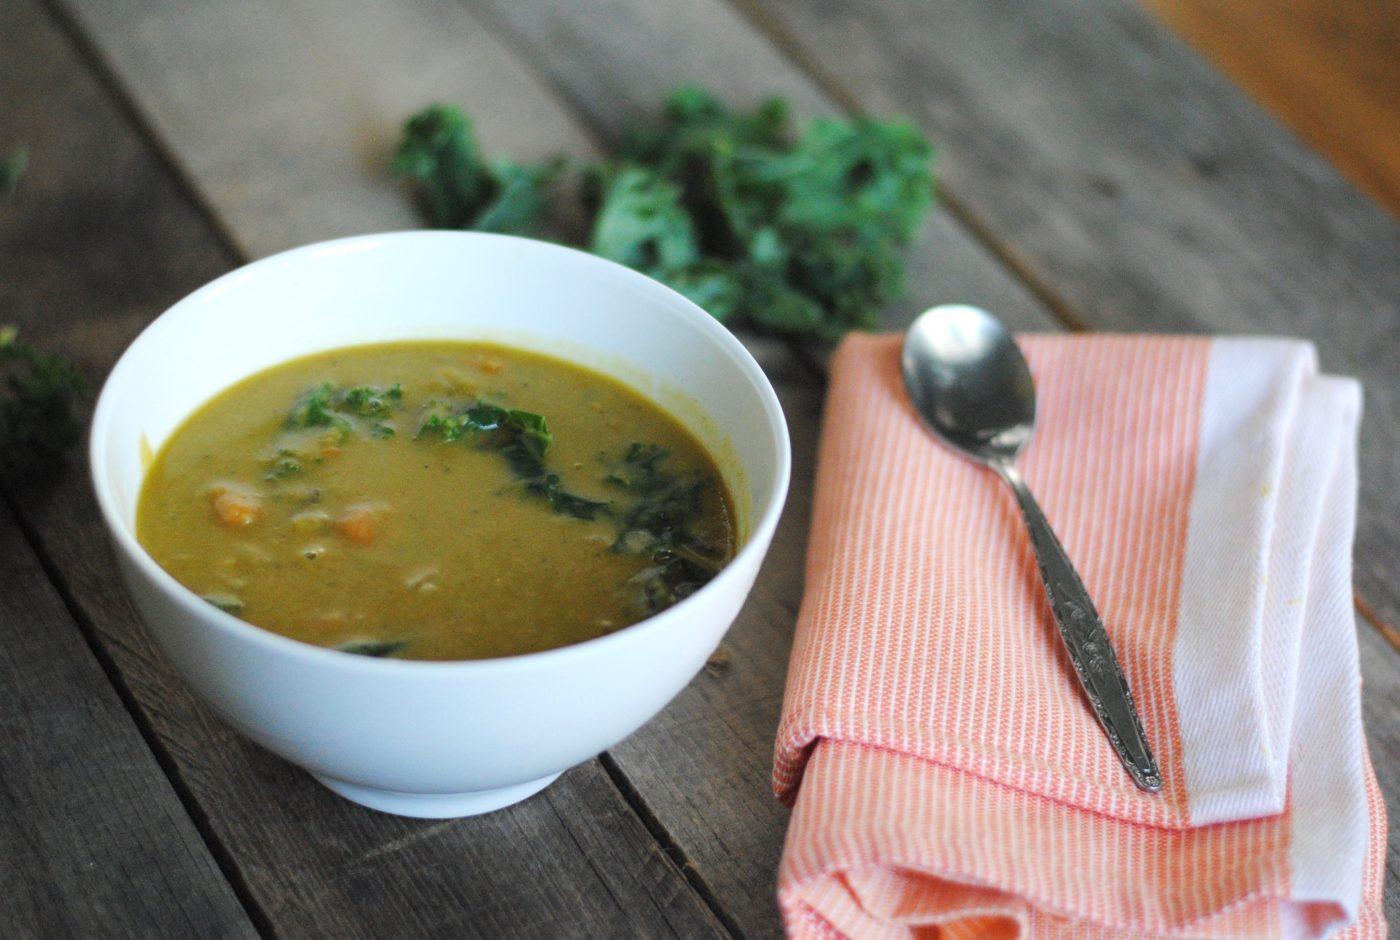 Instant Pot Vegetarian Split Pea Soup with Kale